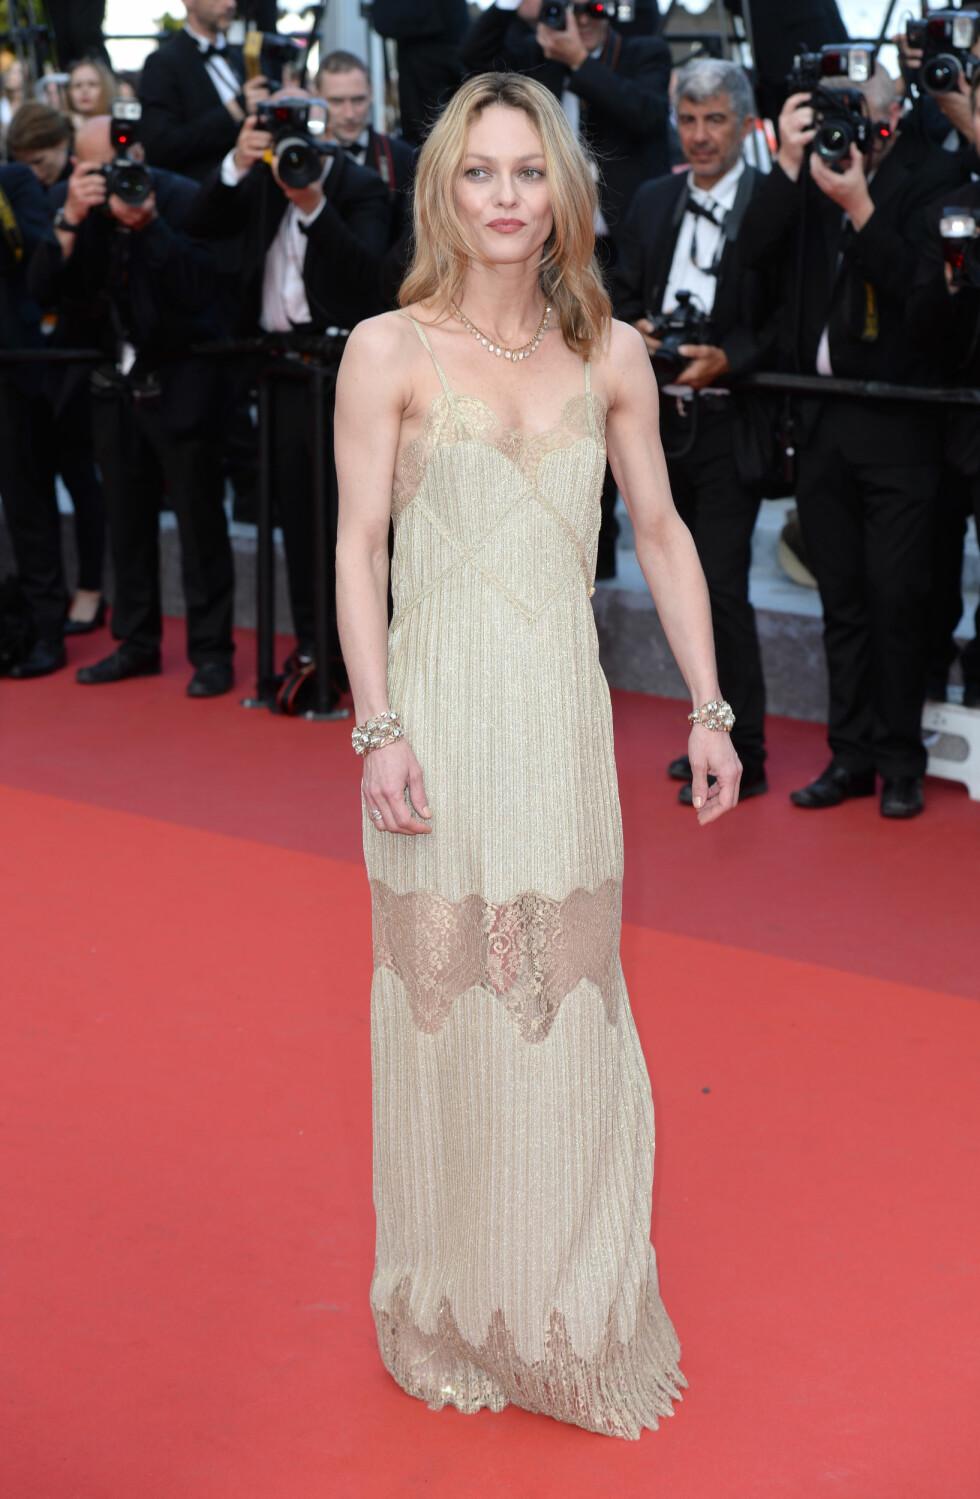 YNDIG: Den franske skuespilleren og artisten Vanessa Paardis glitret i en gullfarget kjole med blondedetaljer.  Foto: Pa Photos